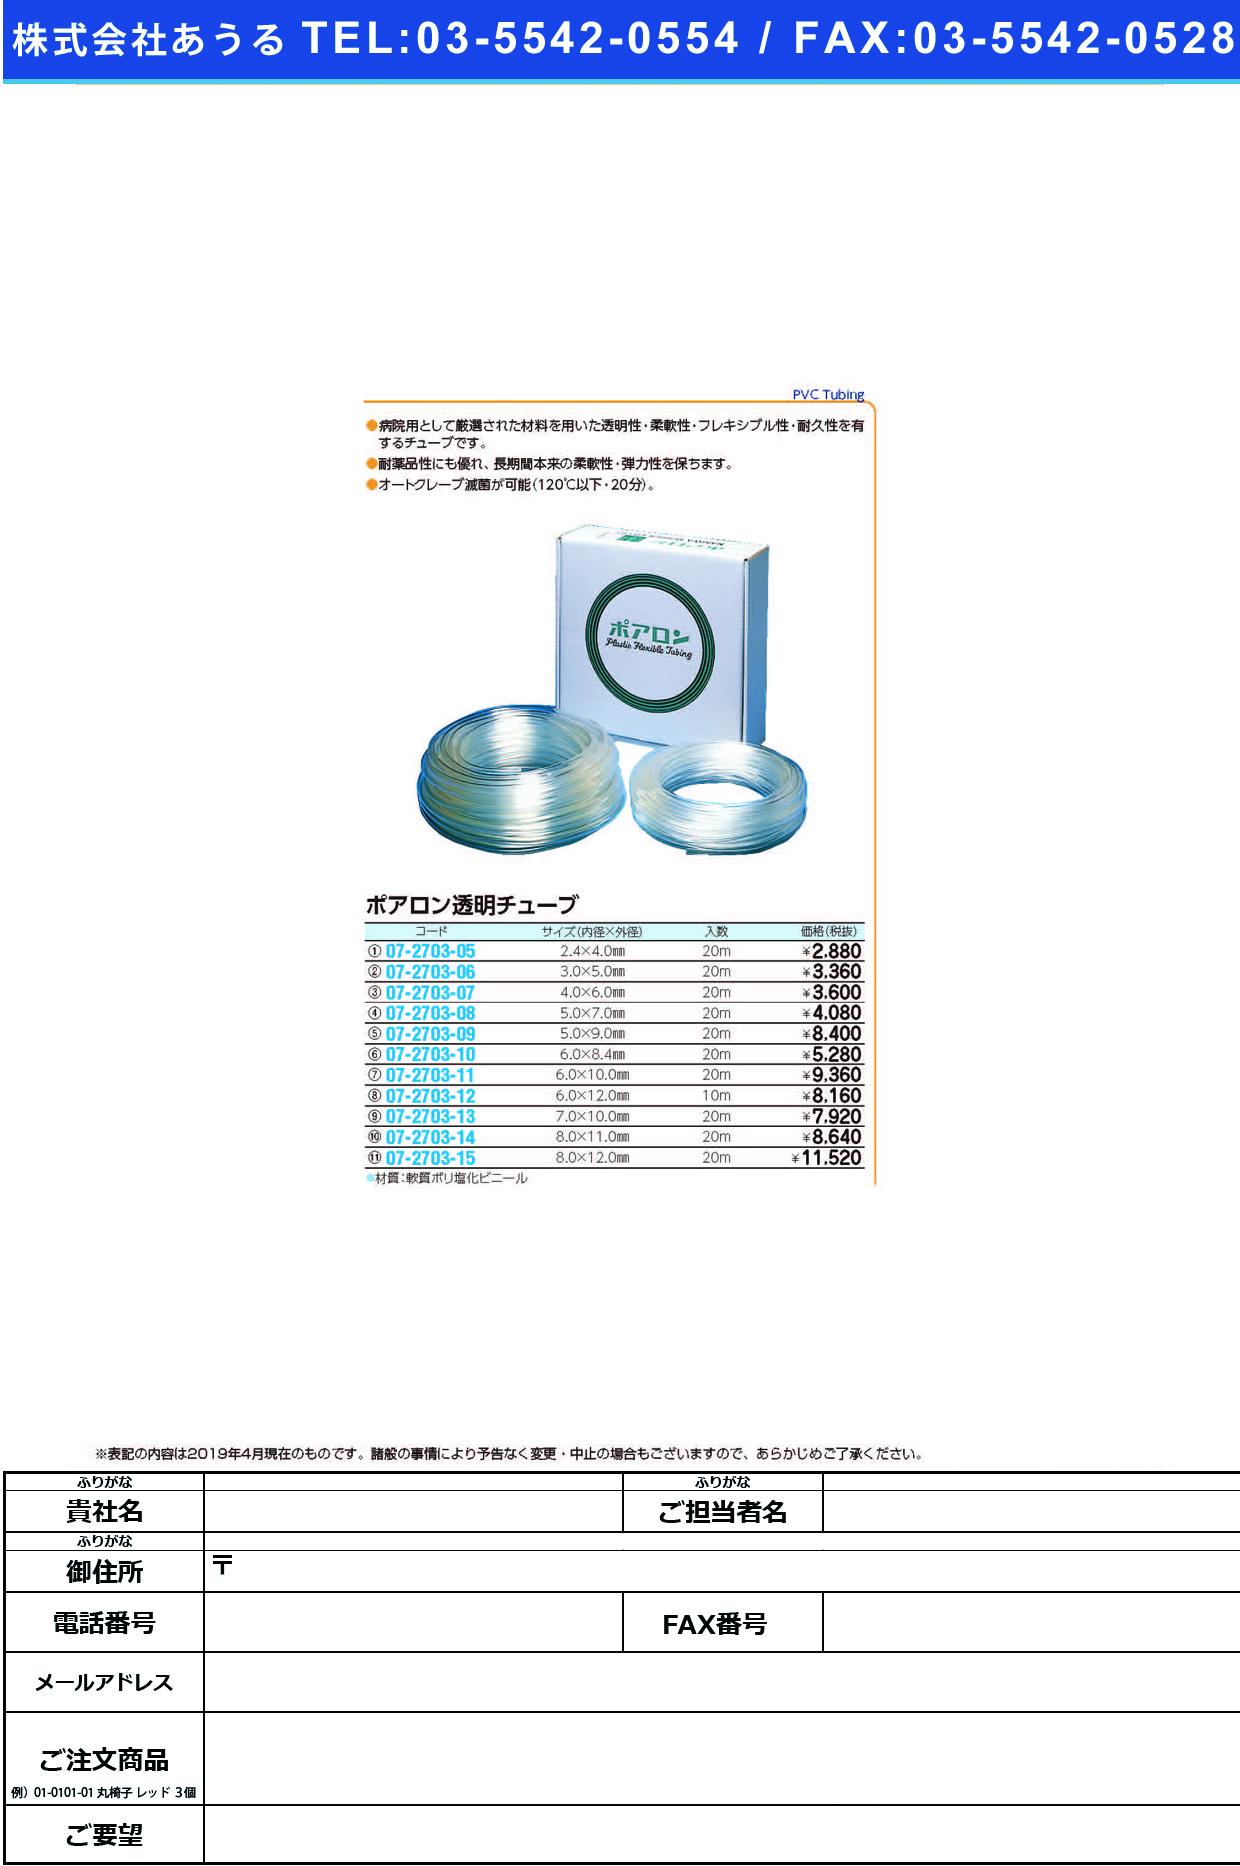 (07-2703-11)ポアロン透明チューブ 6X10MM(20Mイリ) ポアロントウメイチューブ【1箱単位】【2019年カタログ商品】